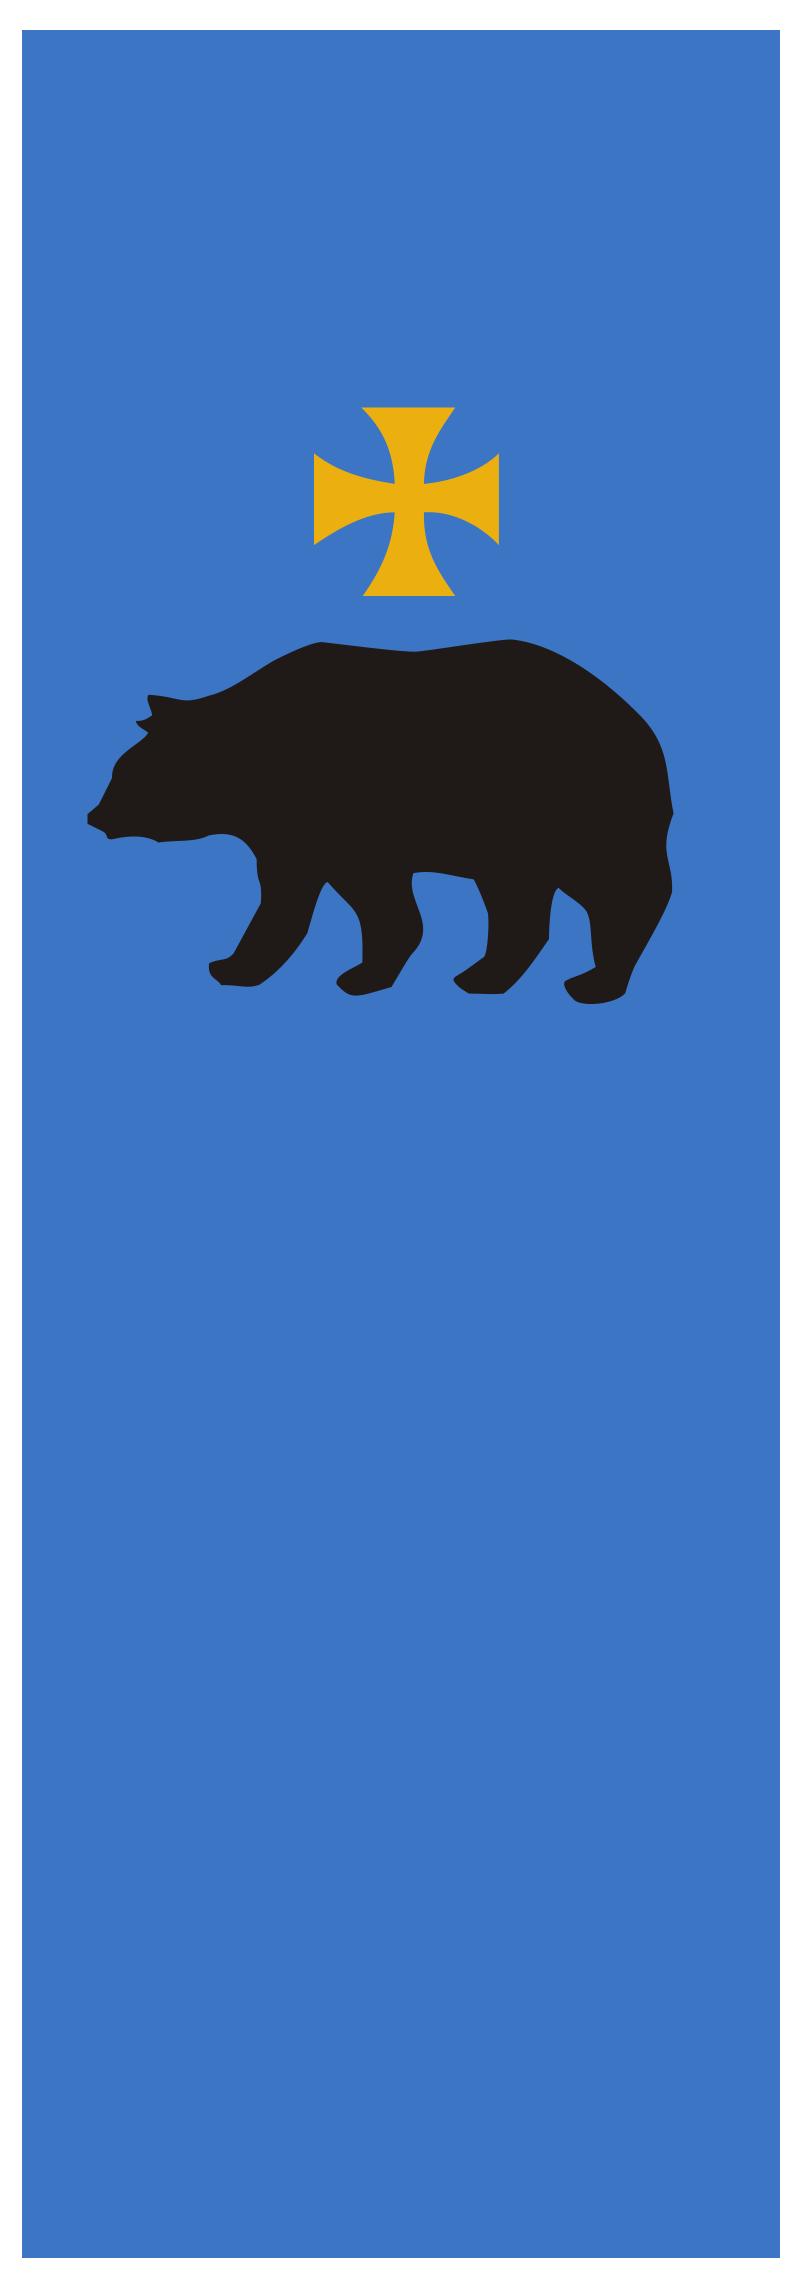 Wzór Flagi Pionowej Miasta Przemyśla. Podstawa prawna: Uchwała Nr 144/2005 zmieniająca uchwałę w sprawie ustanowienia flagi Miasta Przemyśla